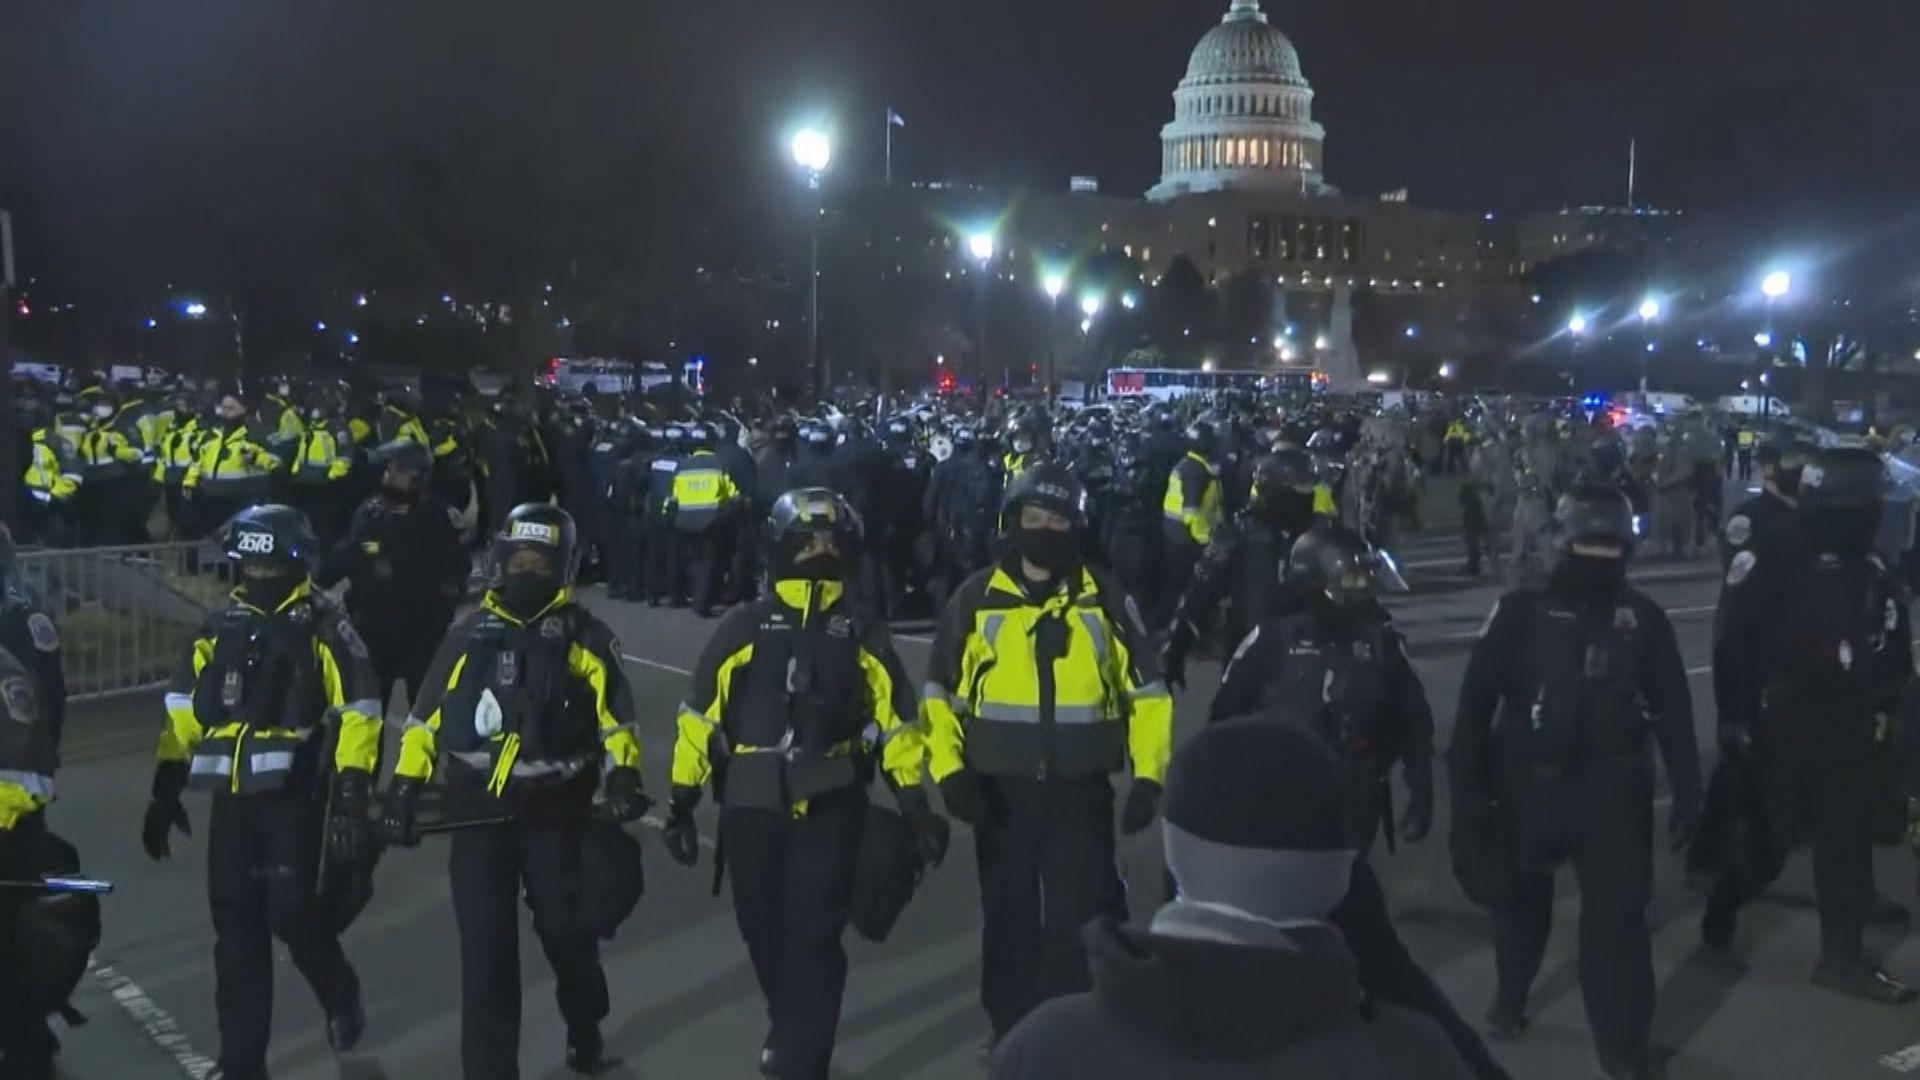 華盛頓因支持特朗普示威者闖國會宵禁 至少30人被捕